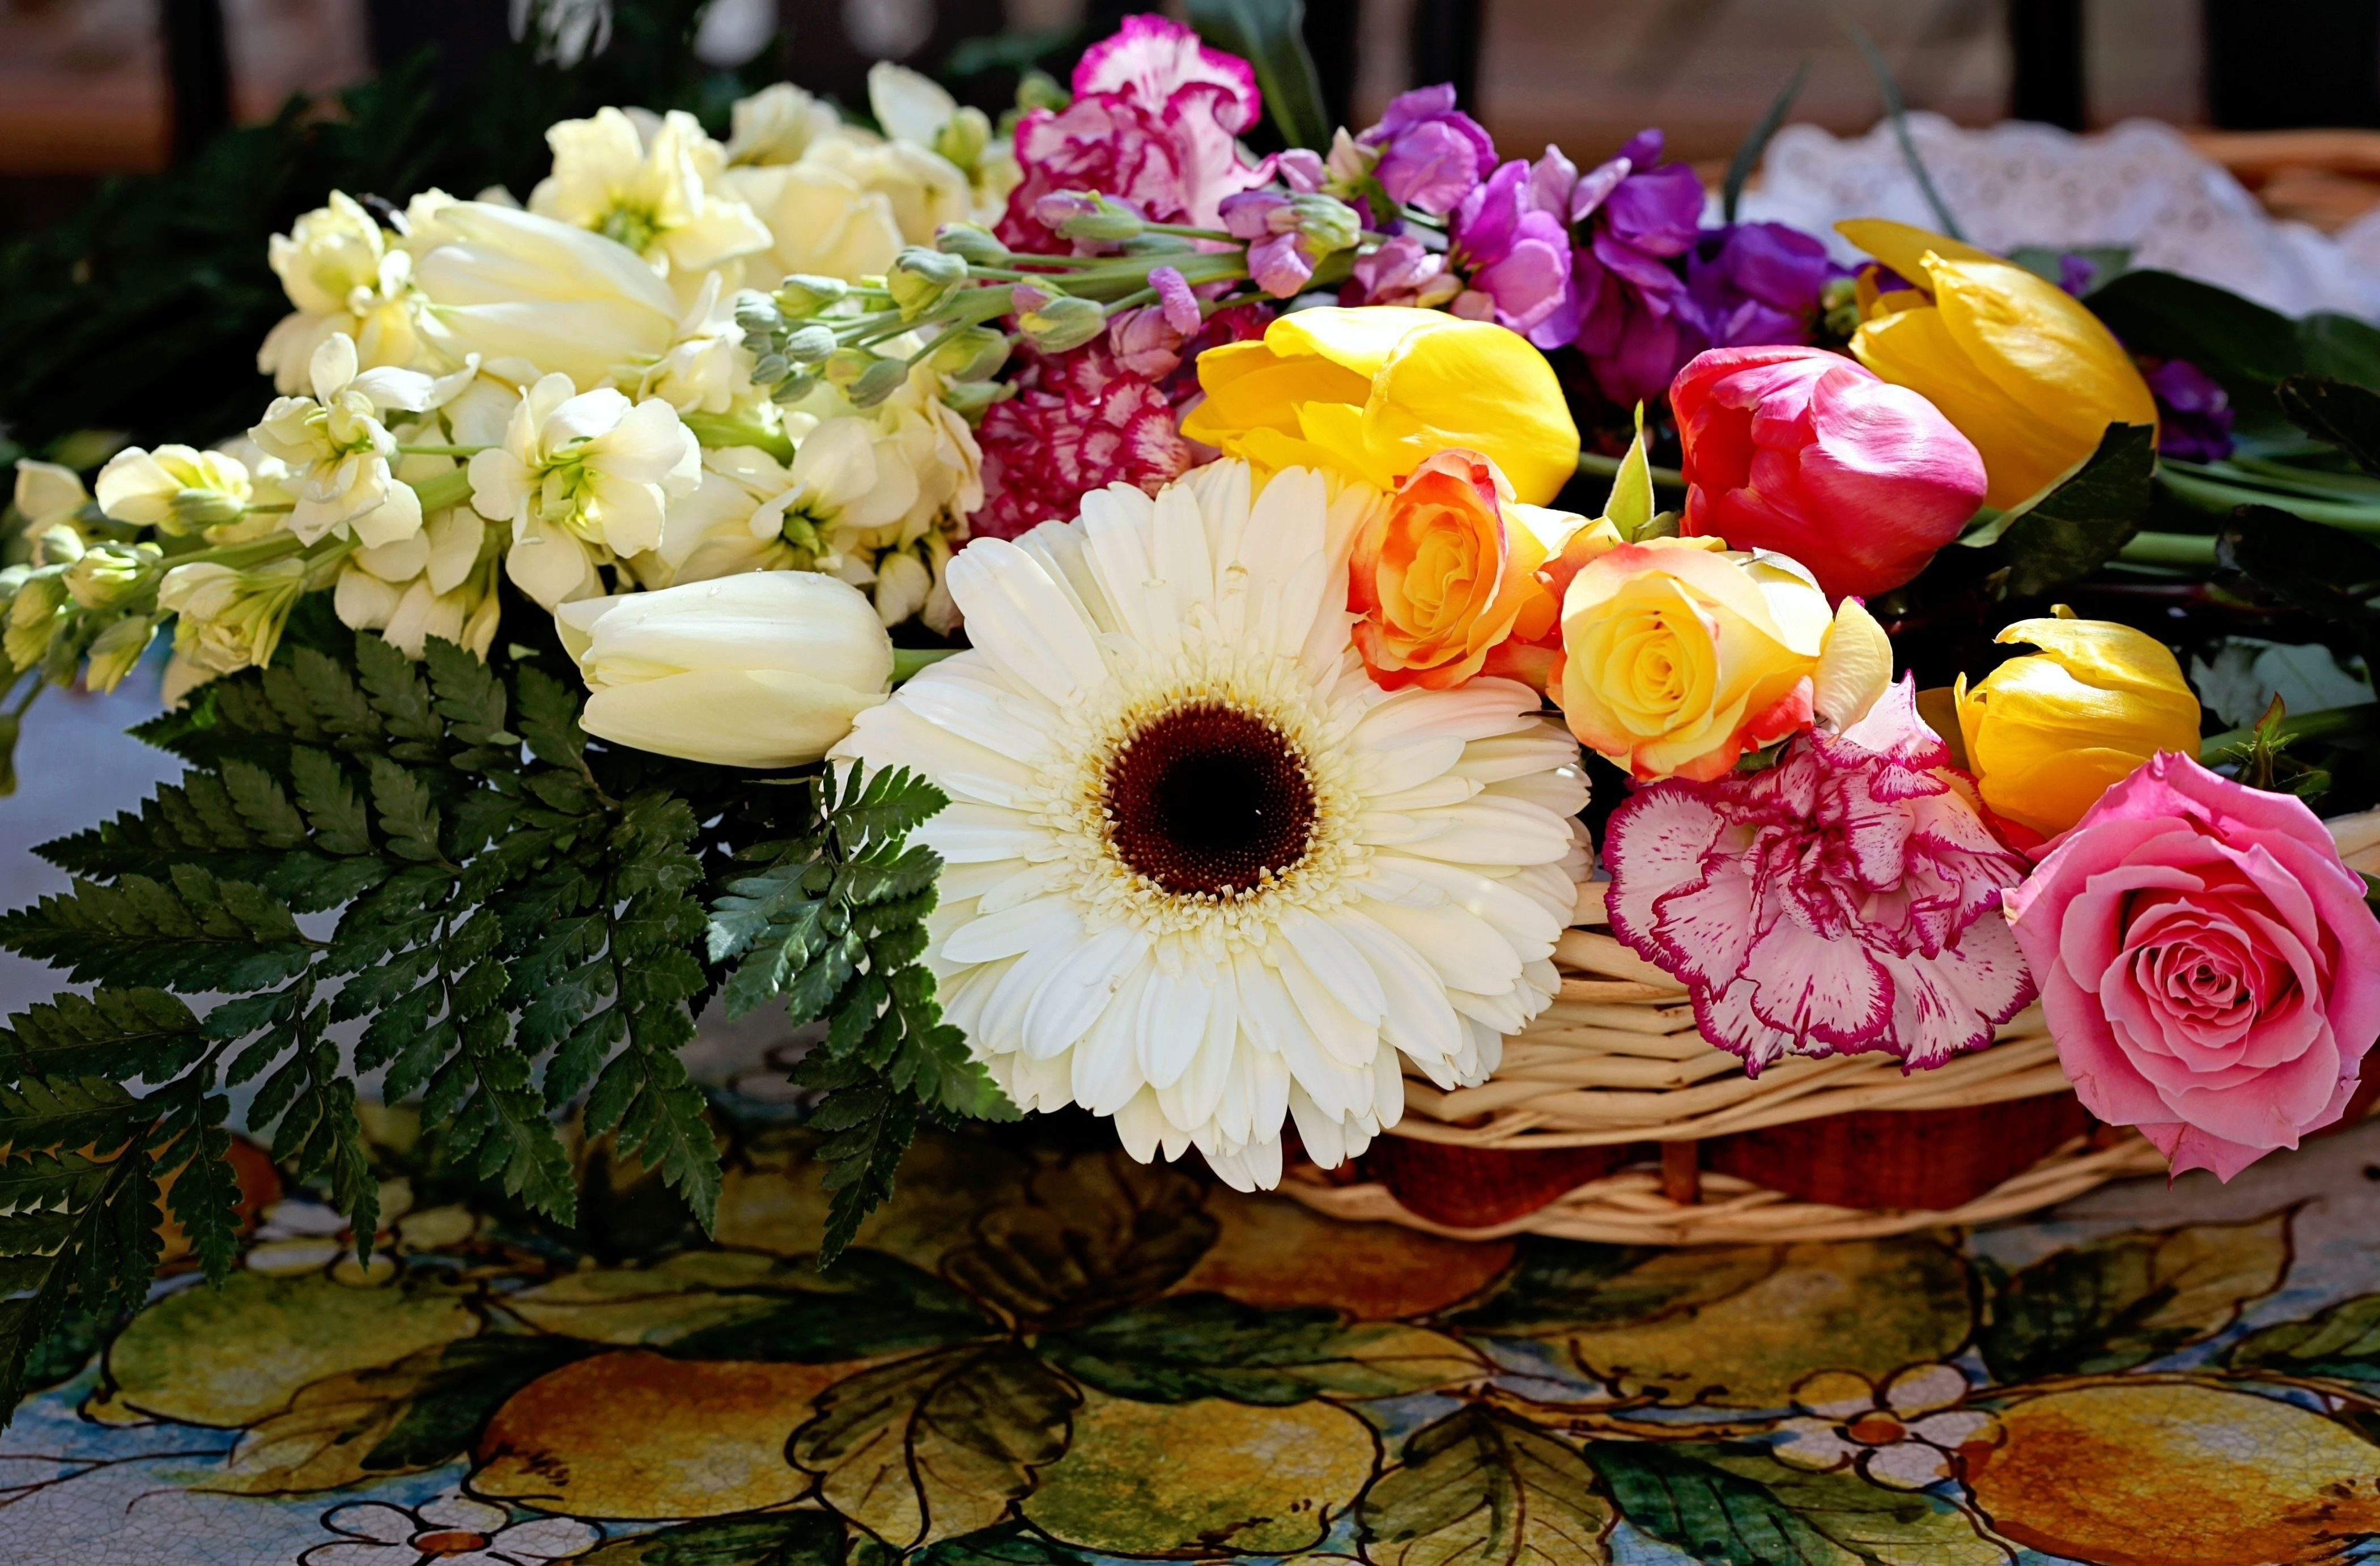 ли, найти красивые фото цветов на первое отмечает дискомфорт